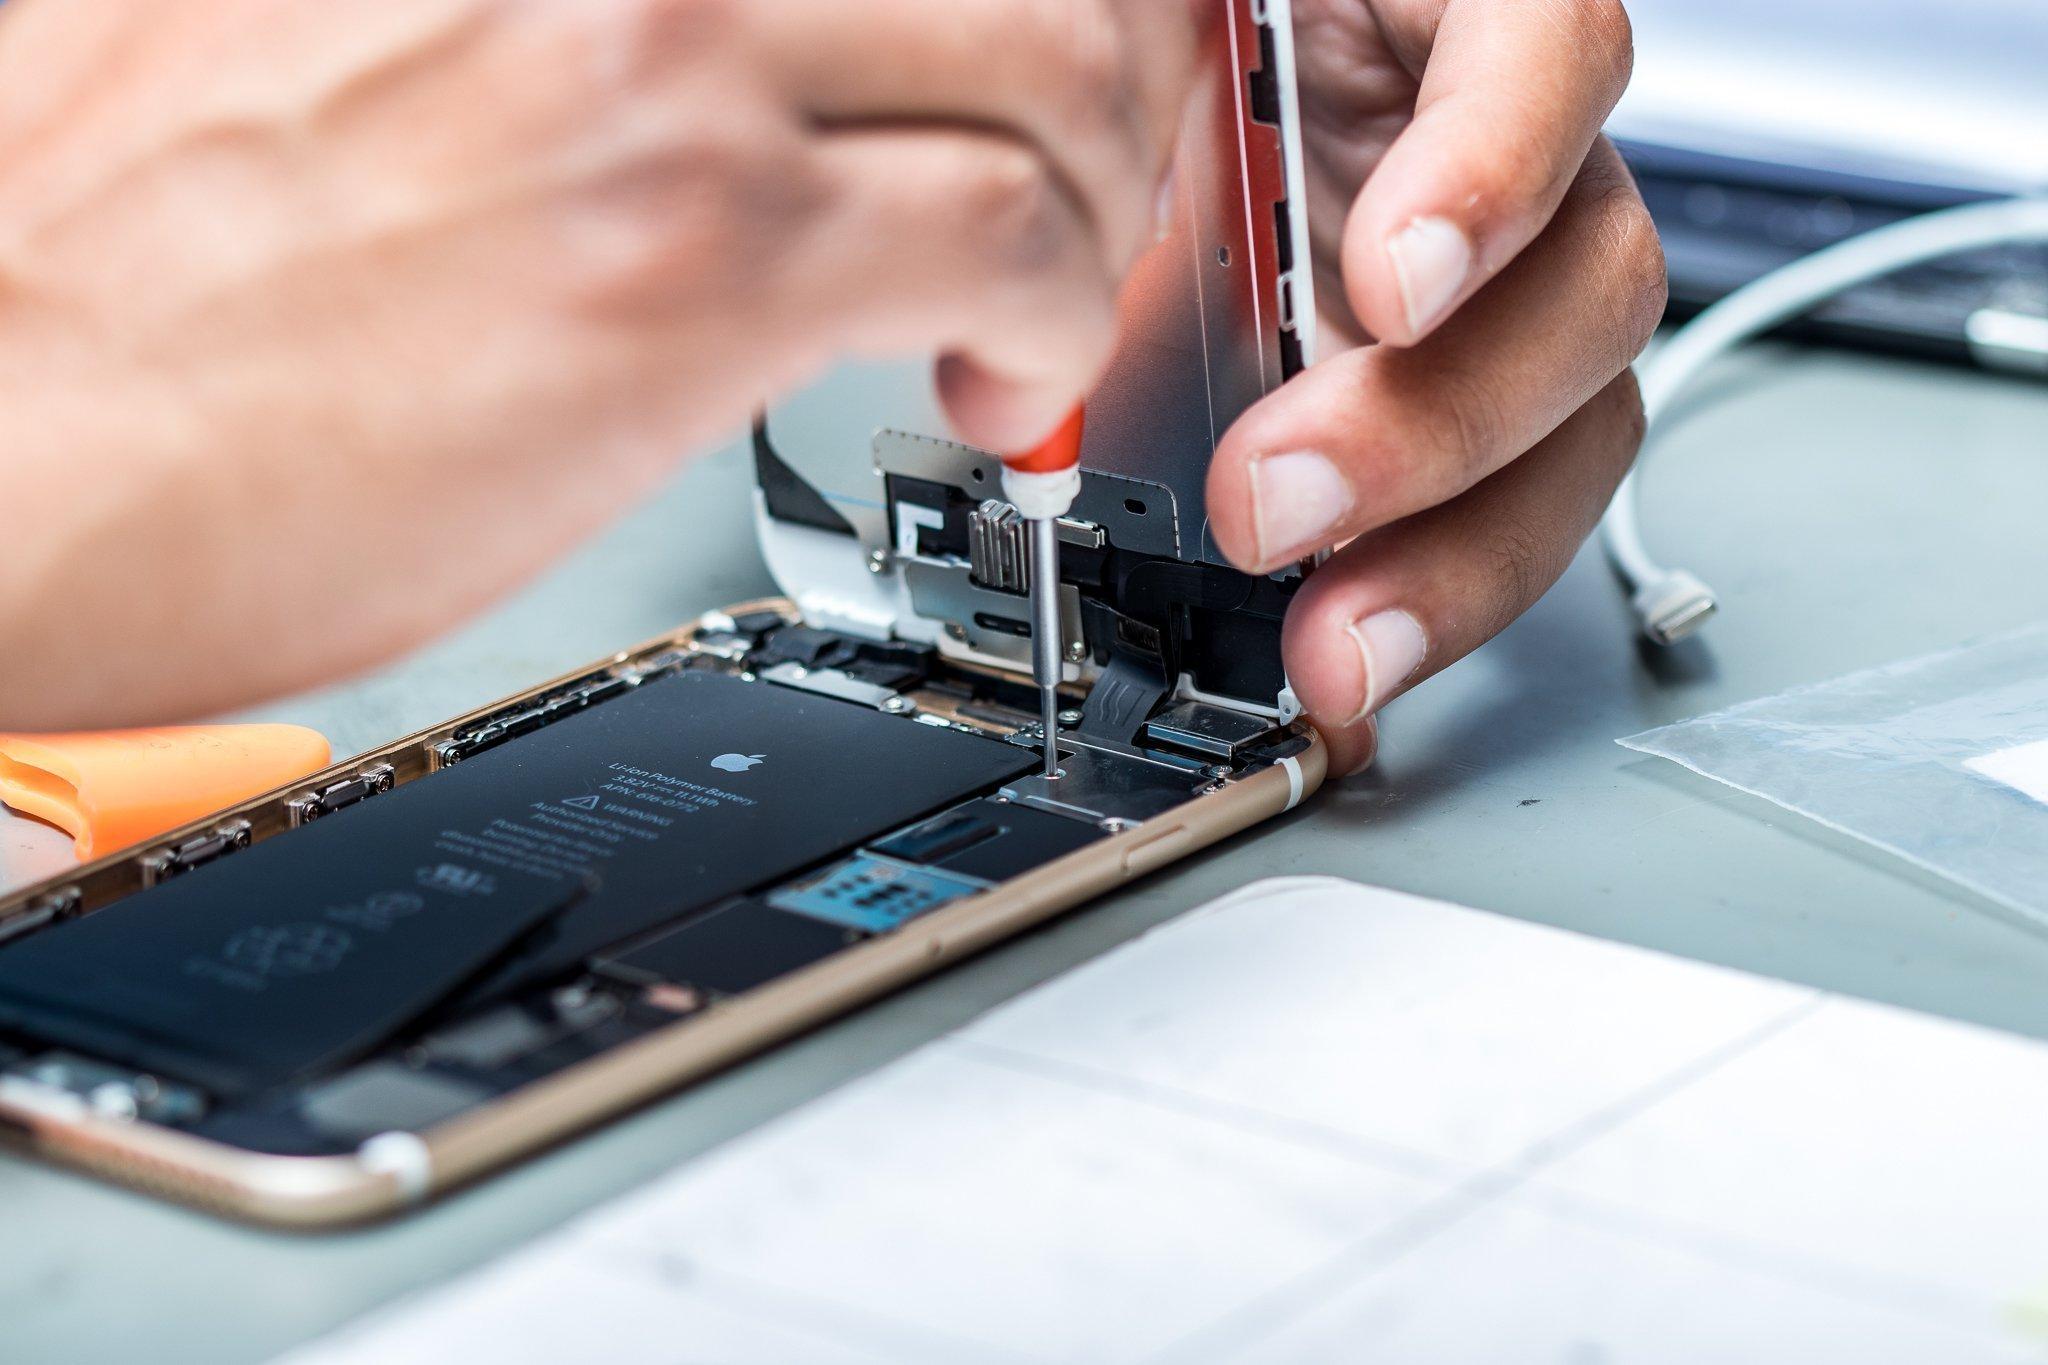 гарантийный ремонт айфона без чека